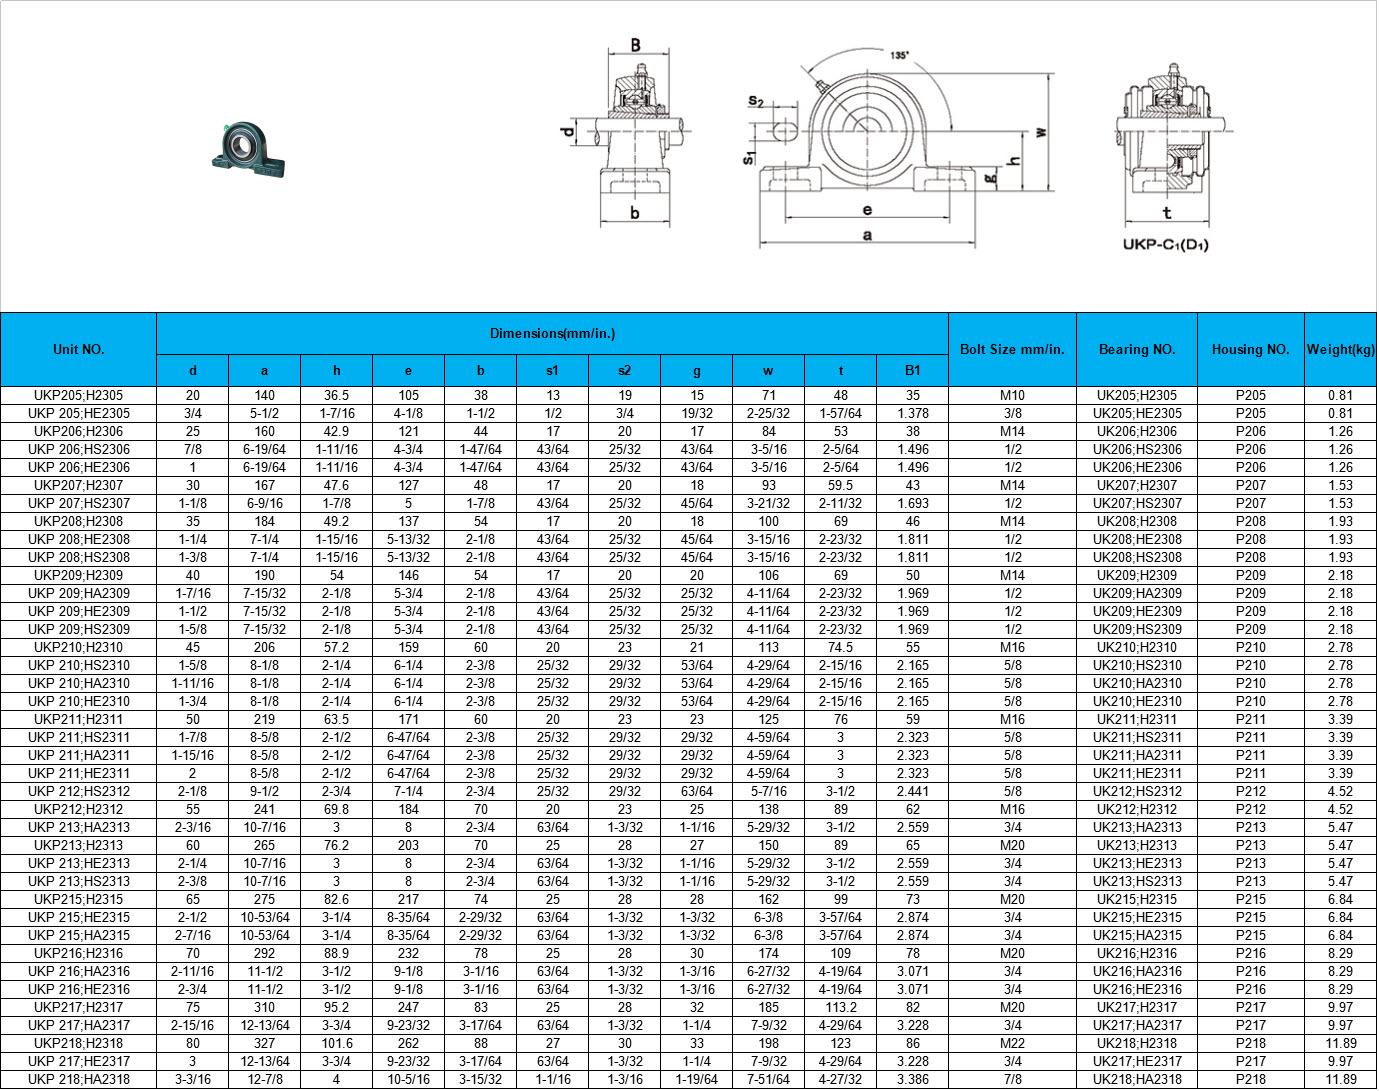 UKP205 | H2305 | UKP 205 | HE2305 | UKP206 | H2306 | UKP 206 | HS2306 | UKP 206 | HE2306 | UKP207 | H2307 | UKP 207 | HS2307 | UKP208 | H2308 | UKP 208 | HE2308 | UKP 208 | HS2308 | UKP209 | H2309 | UKP 209 | HA2309 | UKP 209 | HE2309 | UKP 209 | HS2309 | UKP210 | H2310 | UKP 210 | HS2310 | UKP 210 | HA2310 | UKP 210 | HE2310 | UKP211 | H2311 | UKP 211 | HS2311 | UKP 211 | HA2311 | UKP 211 | HE2311 | UKP 212 | HS2312 | UKP212 | H2312 | UKP 213 | HA2313 | UKP213 | H2313 | UKP 213 | HE2313 | UKP 213 | HS2313 | UKP215 | H2315 | UKP 215 | HE2315 | UKP 215 | HA2315 | UKP216 | H2316 | UKP 216 | HA2316 | UKP 216 | HE2316 | UKP217 | H2317 | UKP 217 | HA2317 | UKP218 | H2318 | UKP 217 | HE2317 | UKP 218 | HA2318